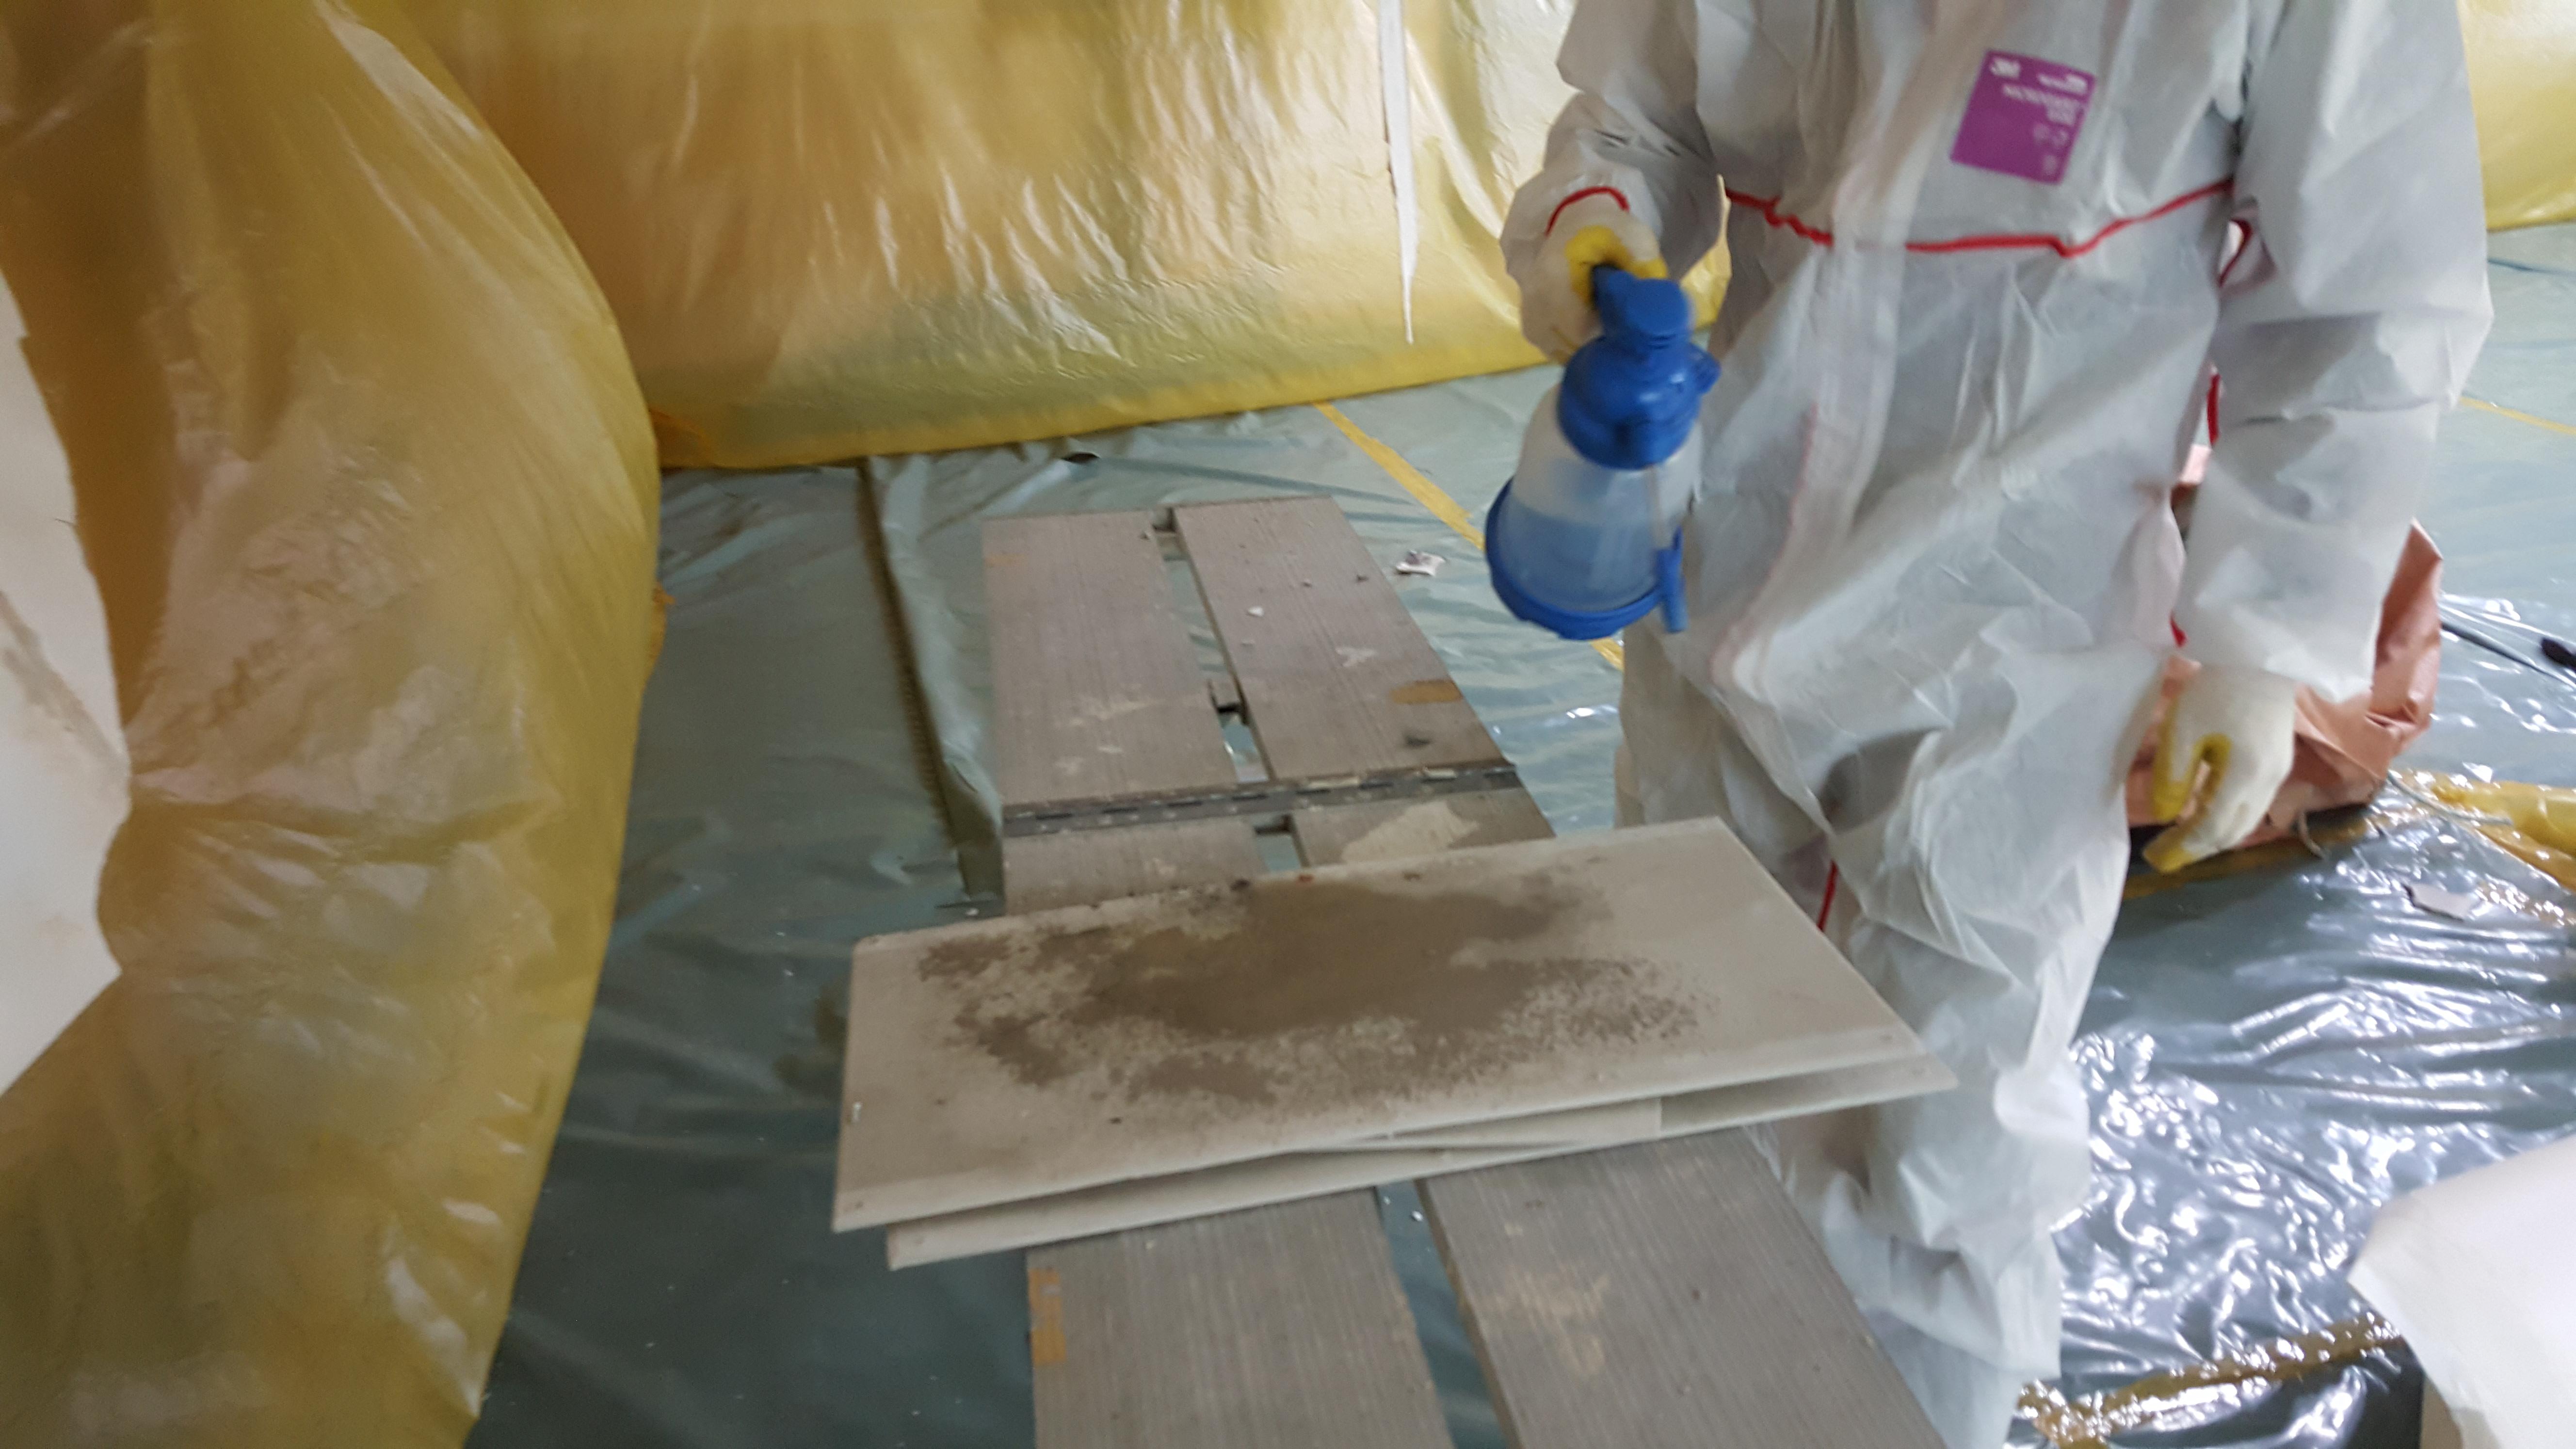 13 번째 사진  에  연면적91.23 ㎡ 동래칼국수 텍스 석면해체 제거공사